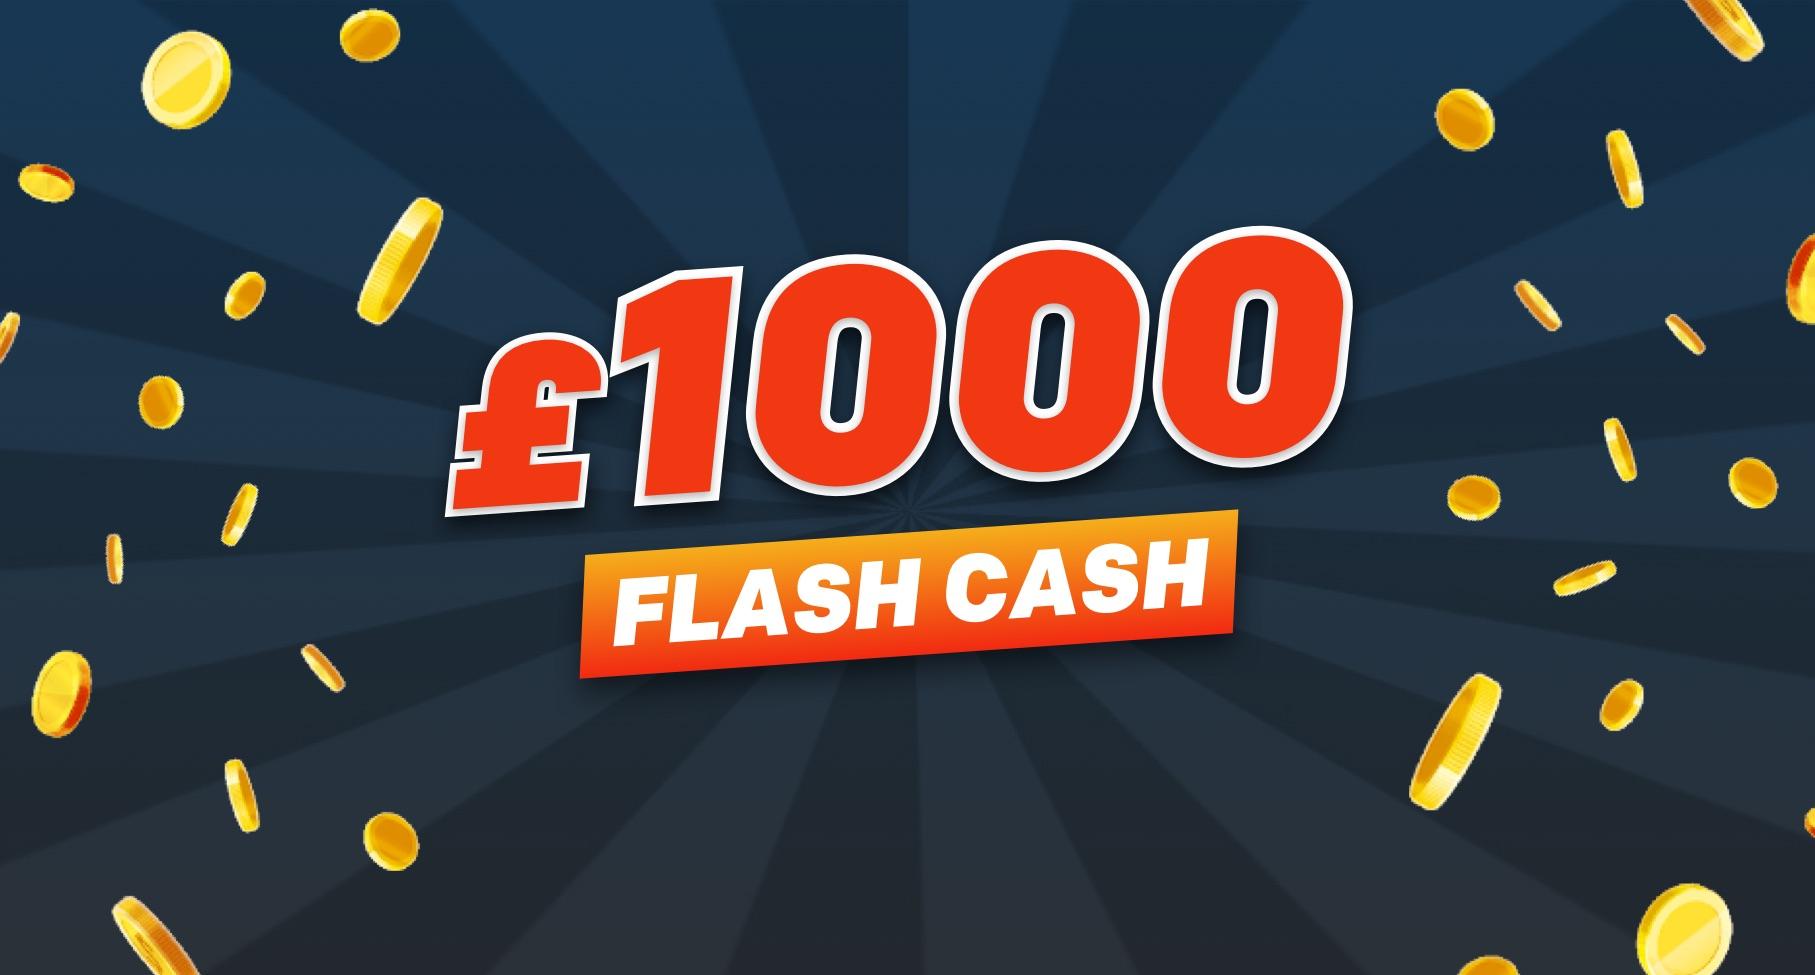 Win £1000 in cash